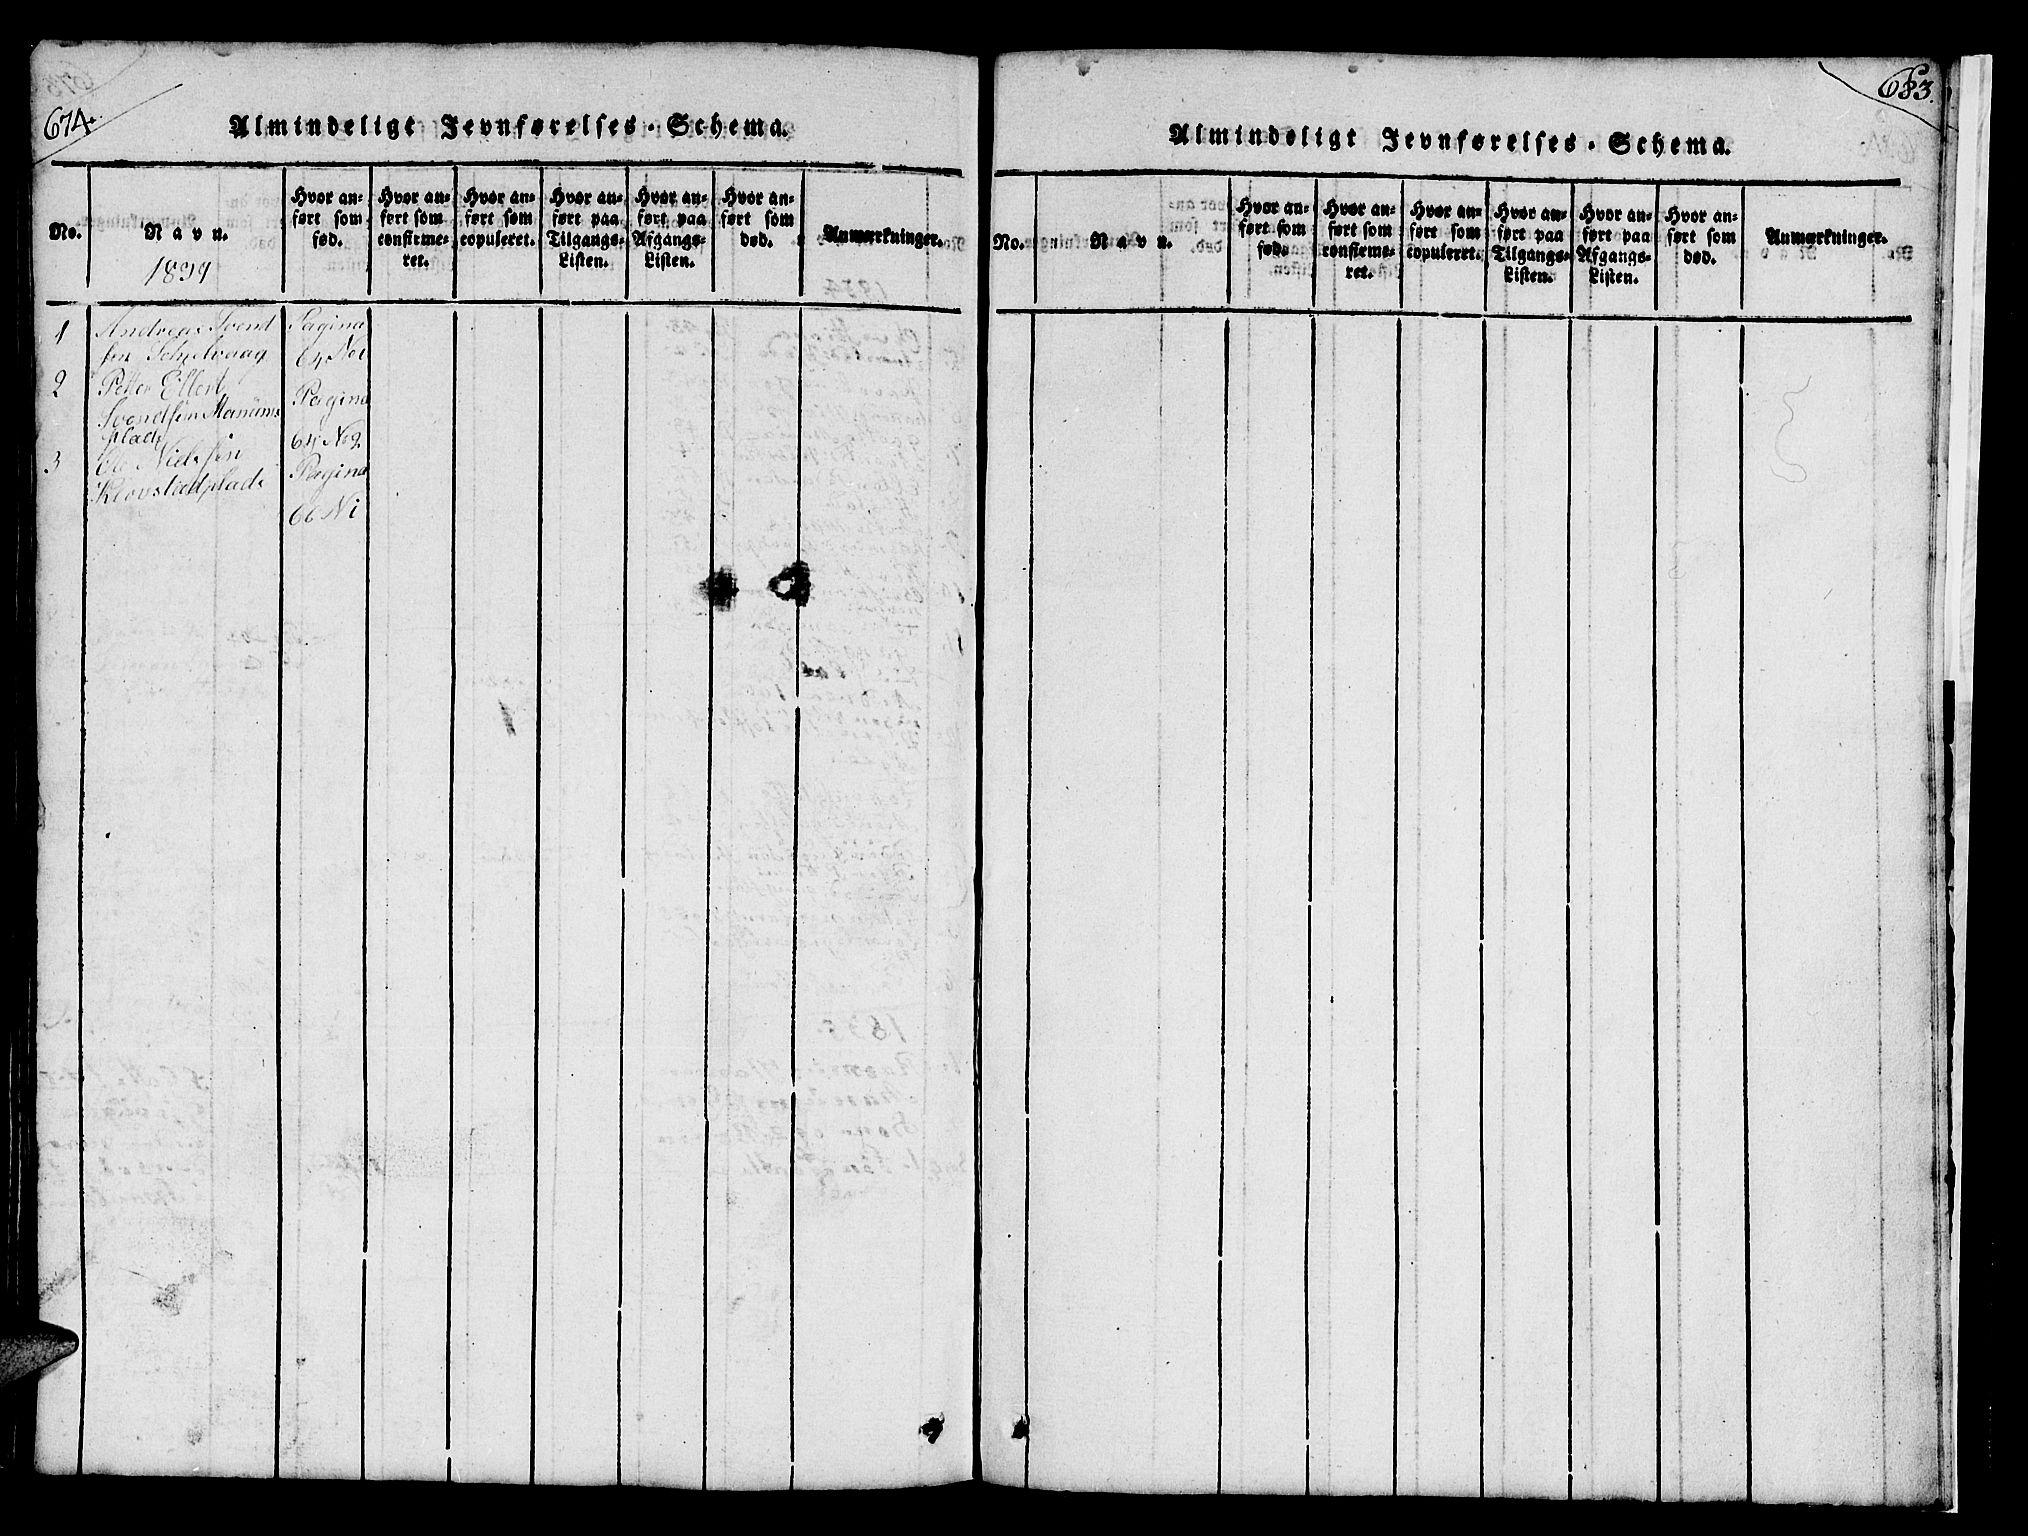 SAT, Ministerialprotokoller, klokkerbøker og fødselsregistre - Nord-Trøndelag, 732/L0317: Klokkerbok nr. 732C01, 1816-1881, s. 674-683